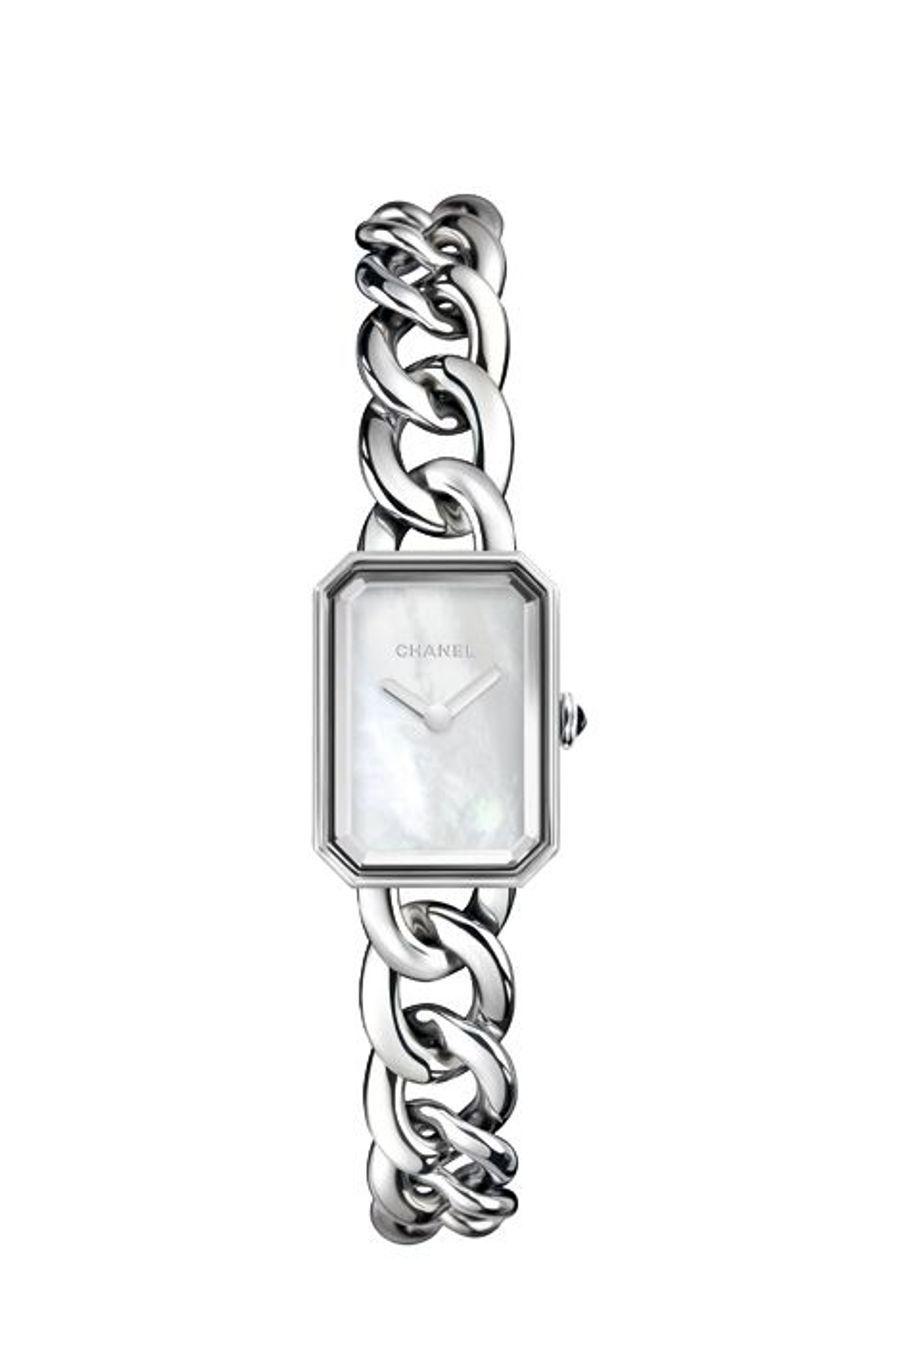 Première, boîte en acier, 16 mm x 22 mm, cadran en nacre blanche, bracelet chaîne en acier. Mouvement à quartz. Chanel Horlogerie. 3 850 €.